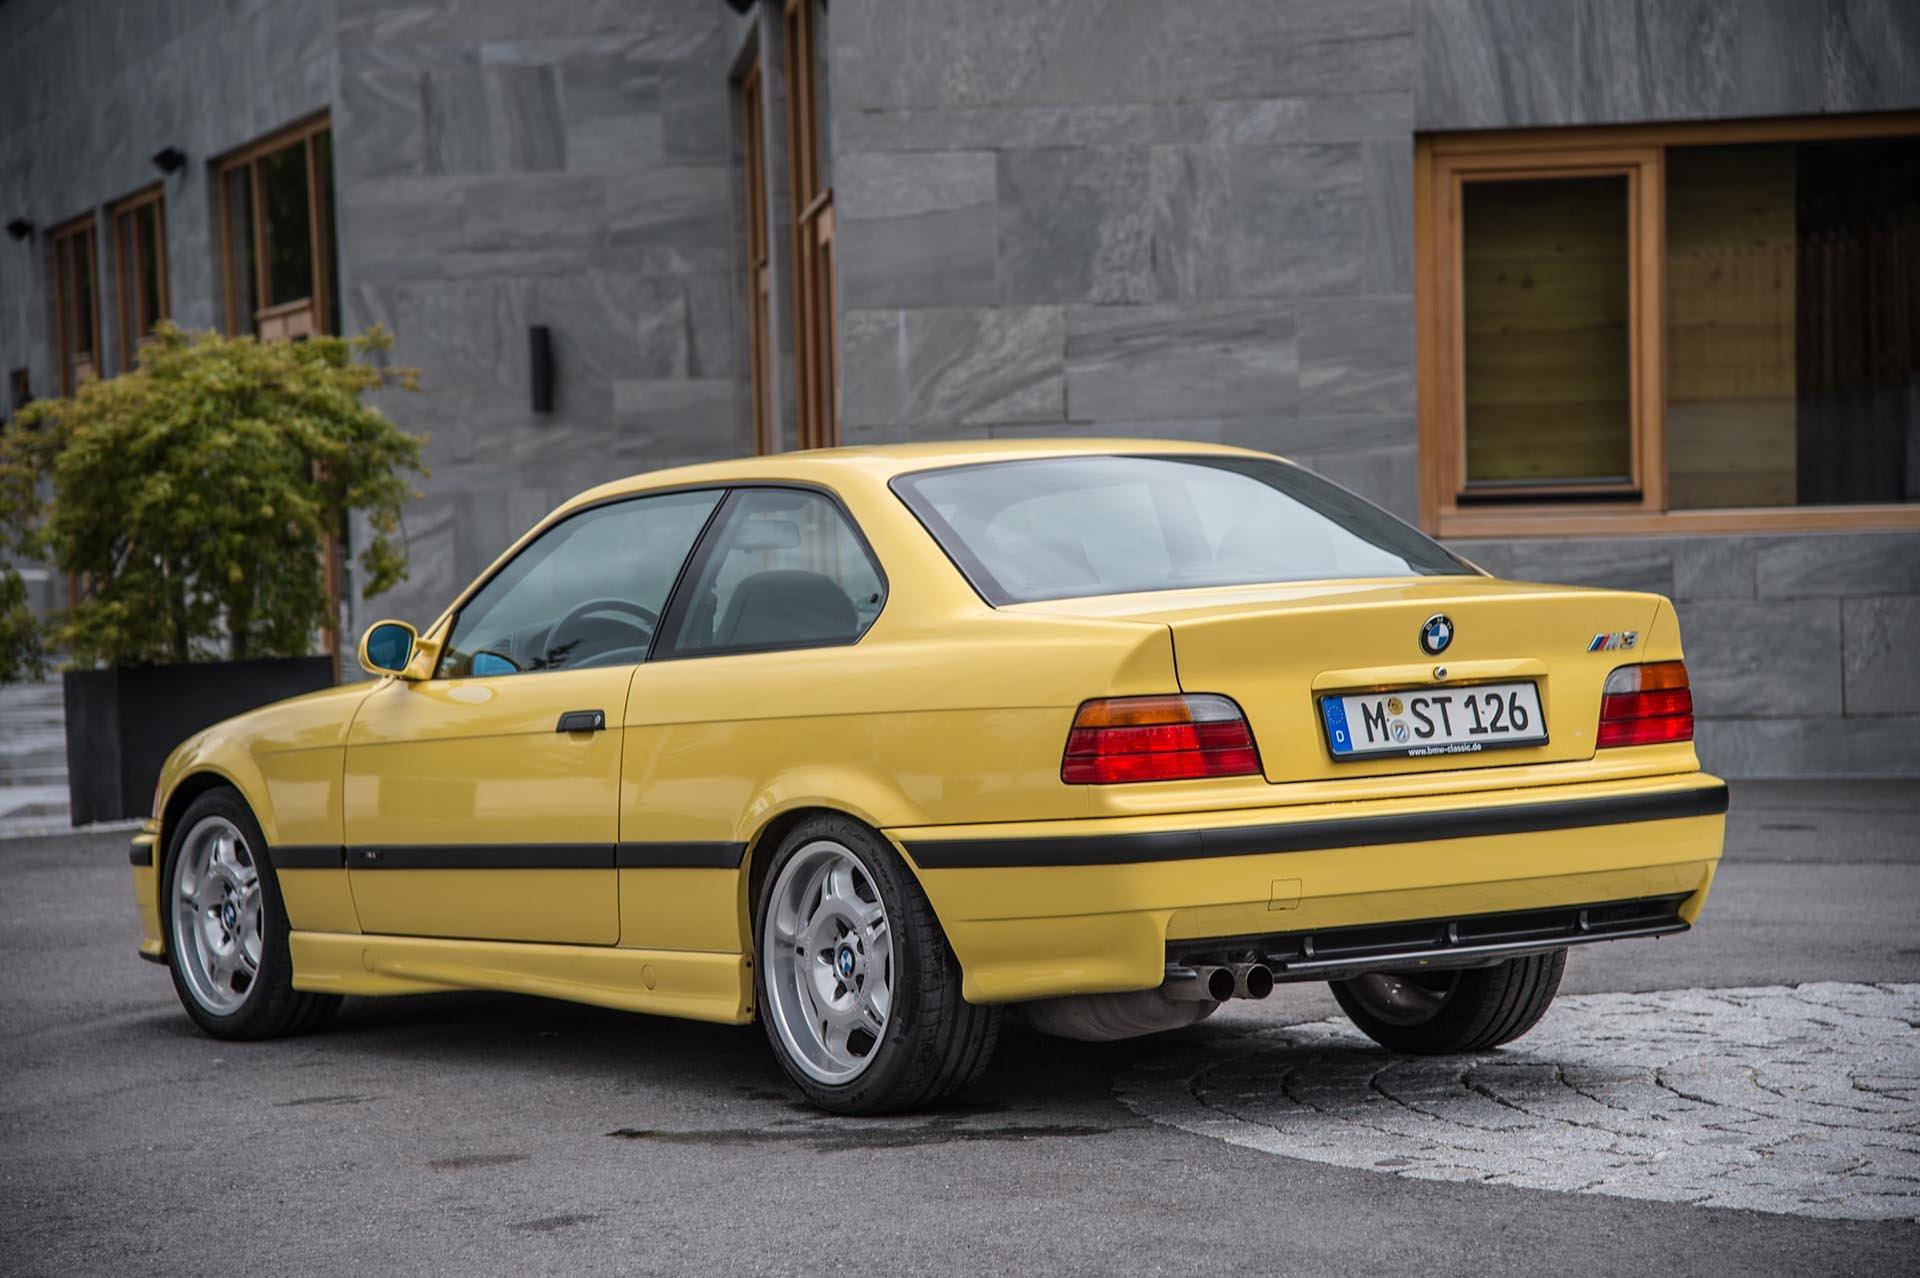 08_BMW E36 M3 rear